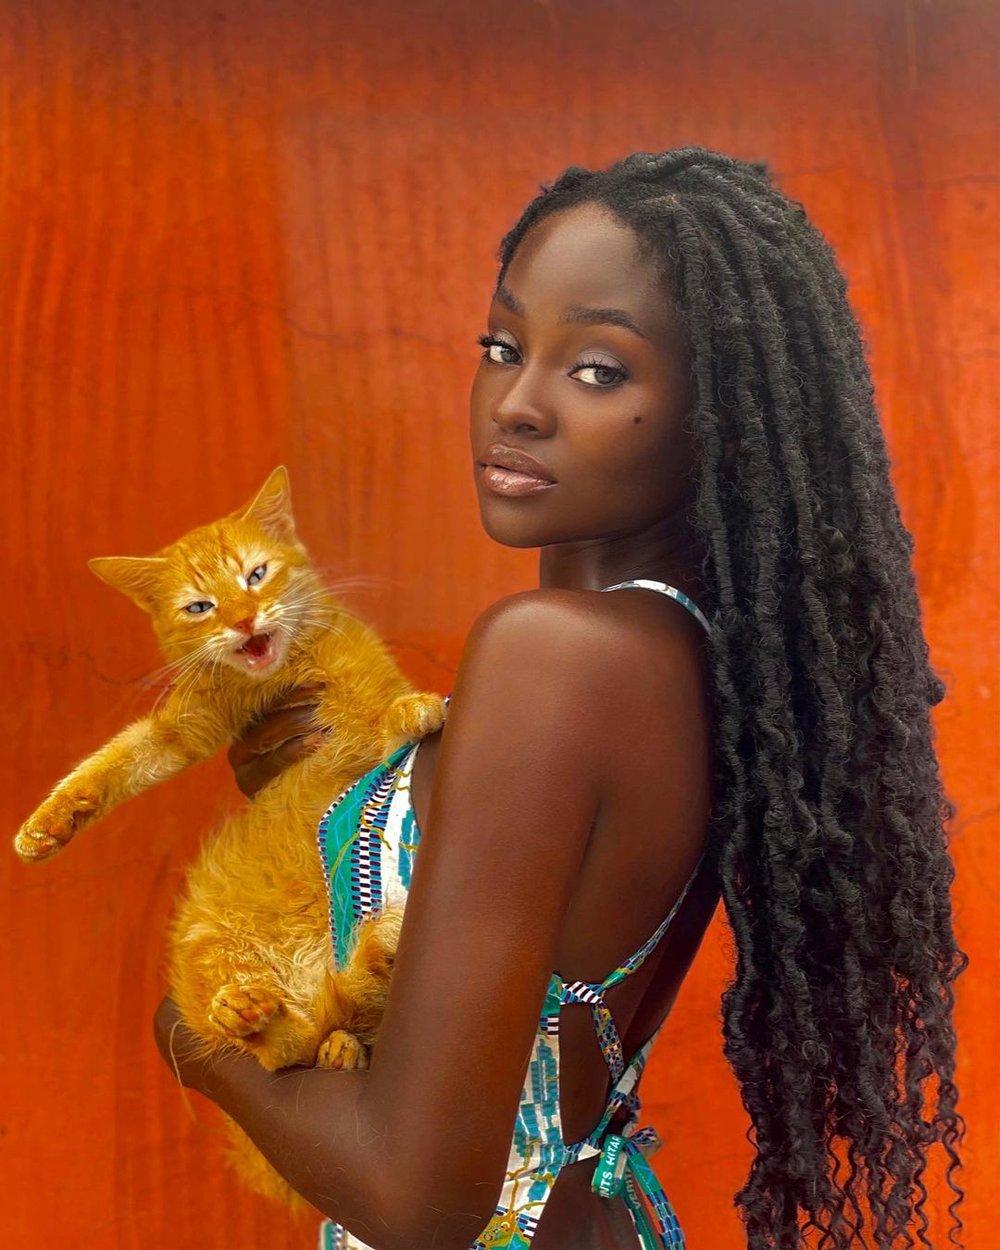 Cô gái Châu Phi đẹp không tì vết, cực nóng bỏng đang gây sốt thật sự là ai?  - Ảnh 12.